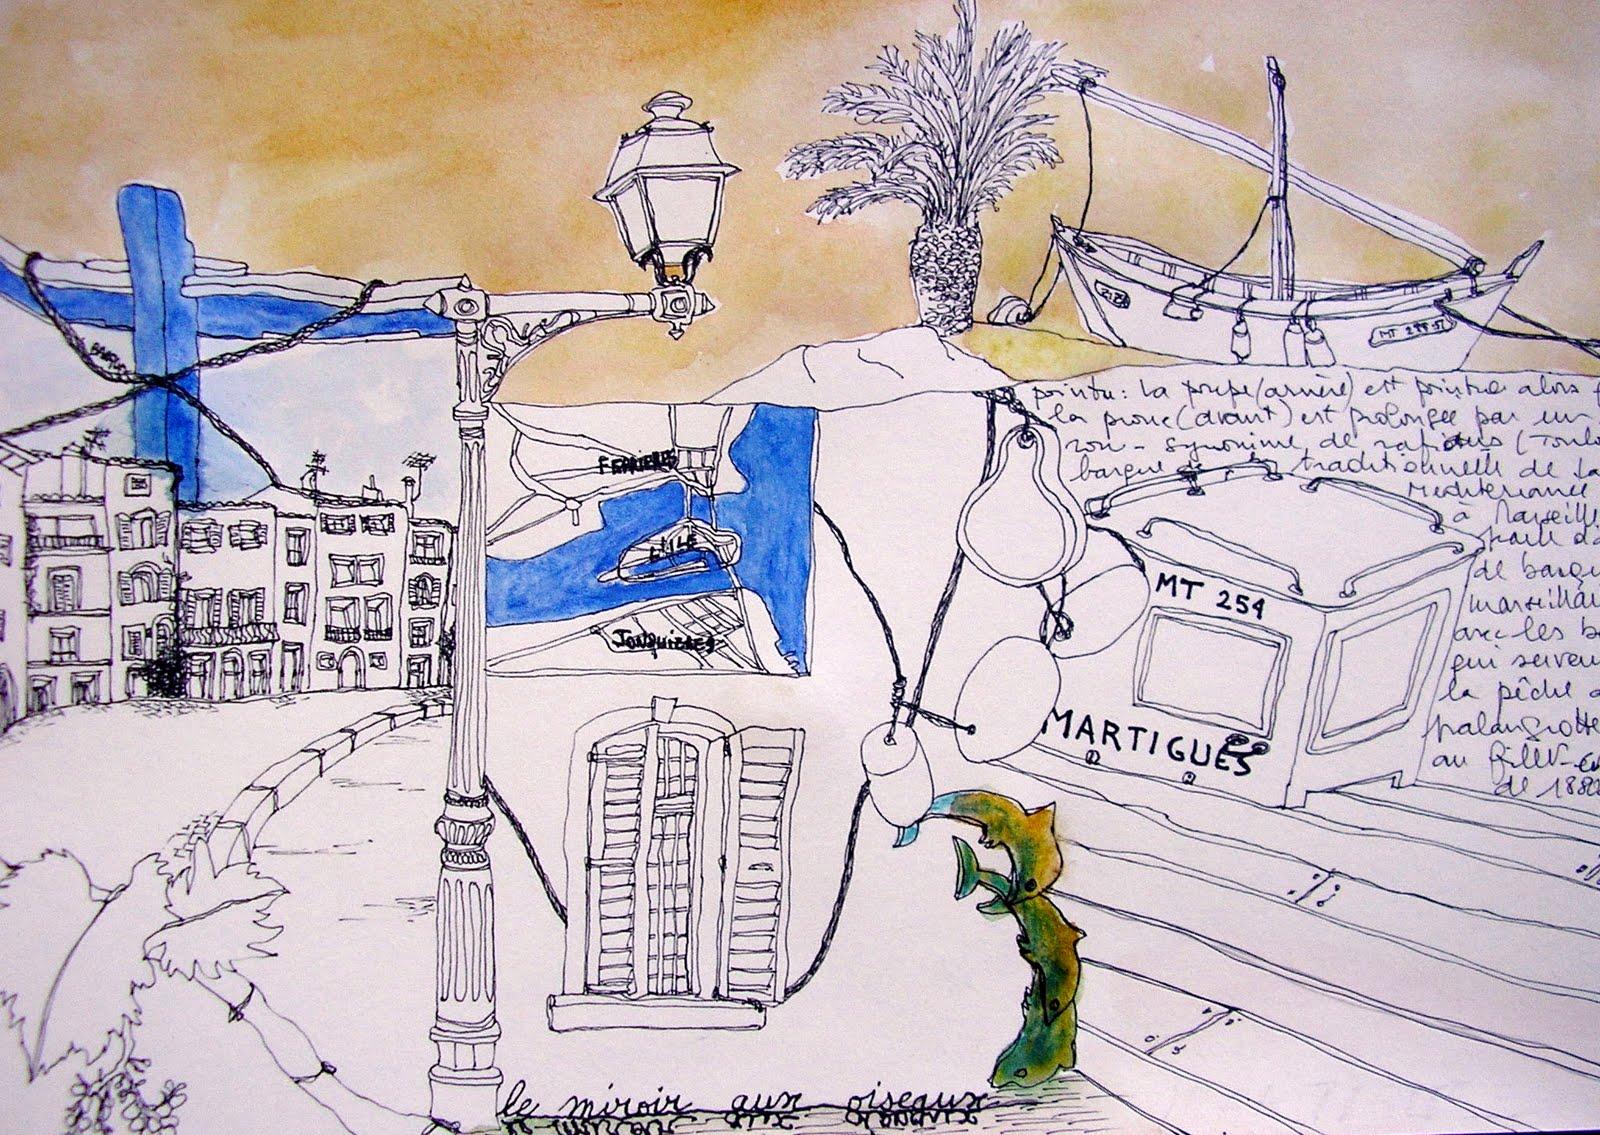 Cours de dessin et de peinture carnets de voyage for Restaurant le miroir aux oiseaux martigues